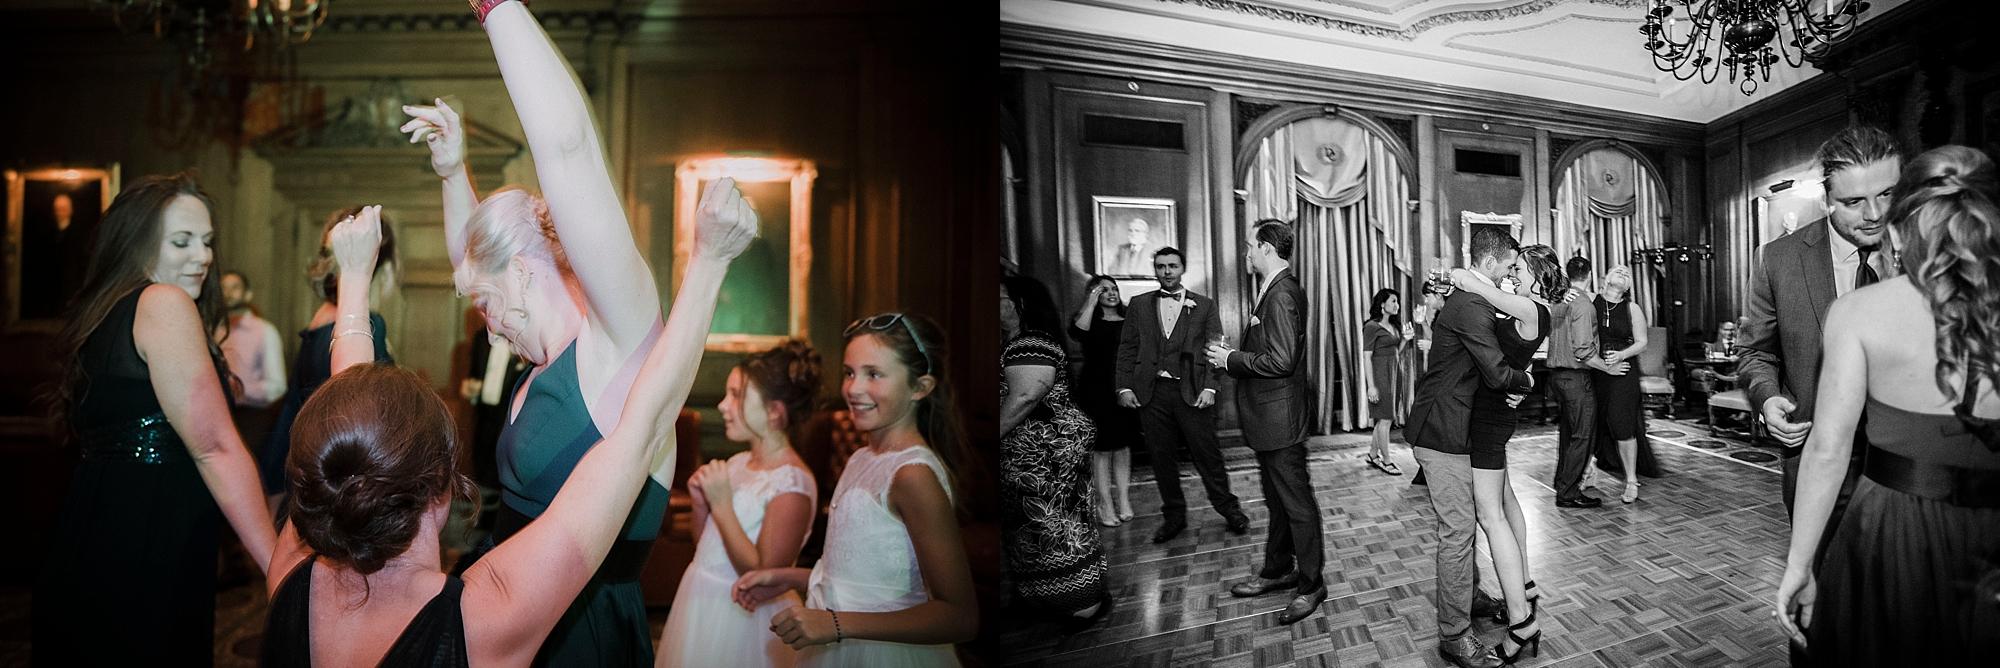 Duquesne-club-wedding-Pittsburgh_0101.jpg